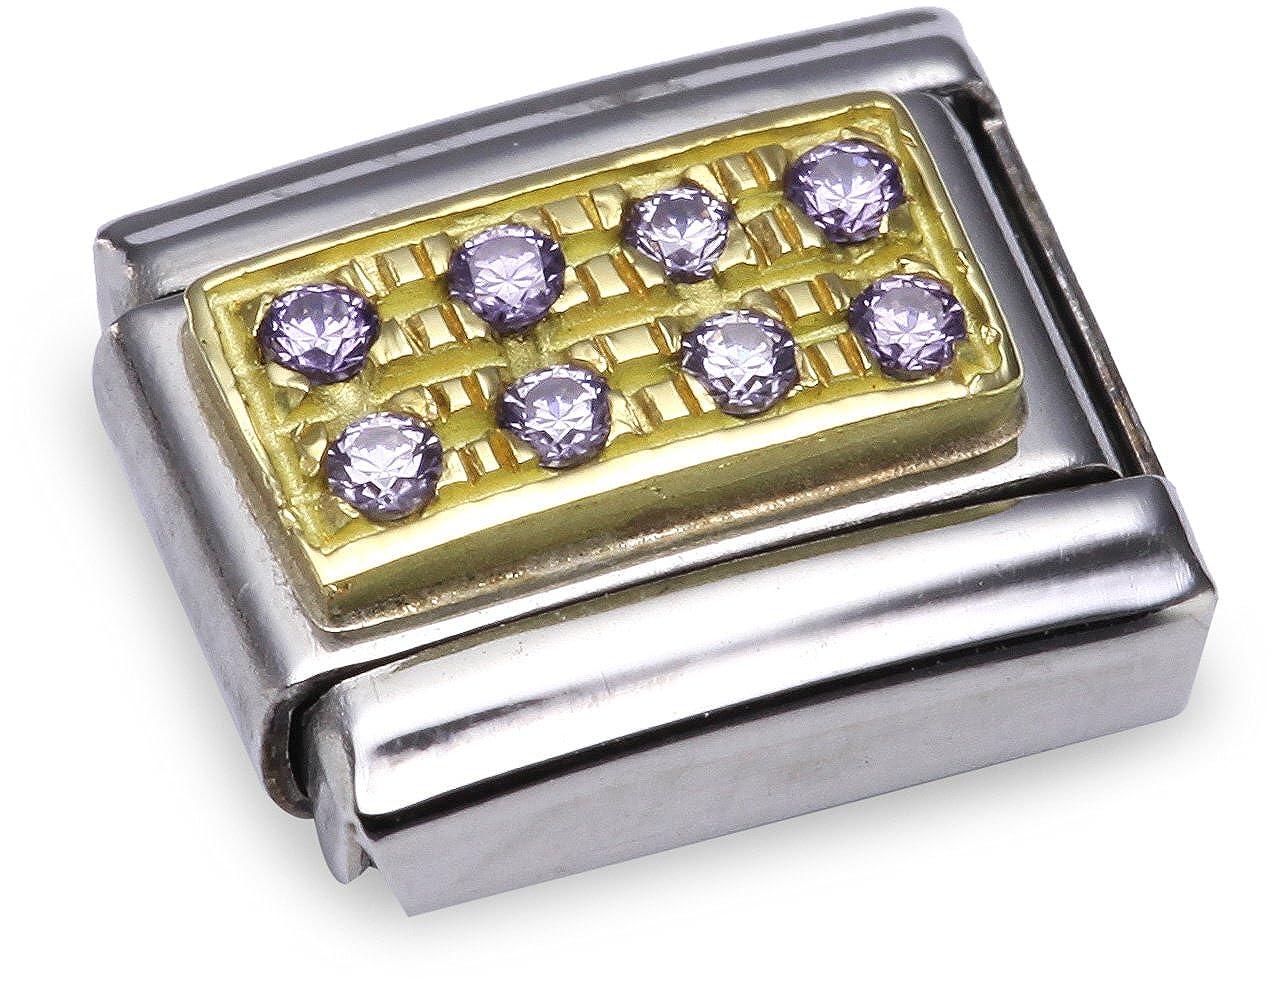 Nomination 030314 - Maillon pour bracelet composable - Femme - Acier inoxydable et Or jaune 18 cts